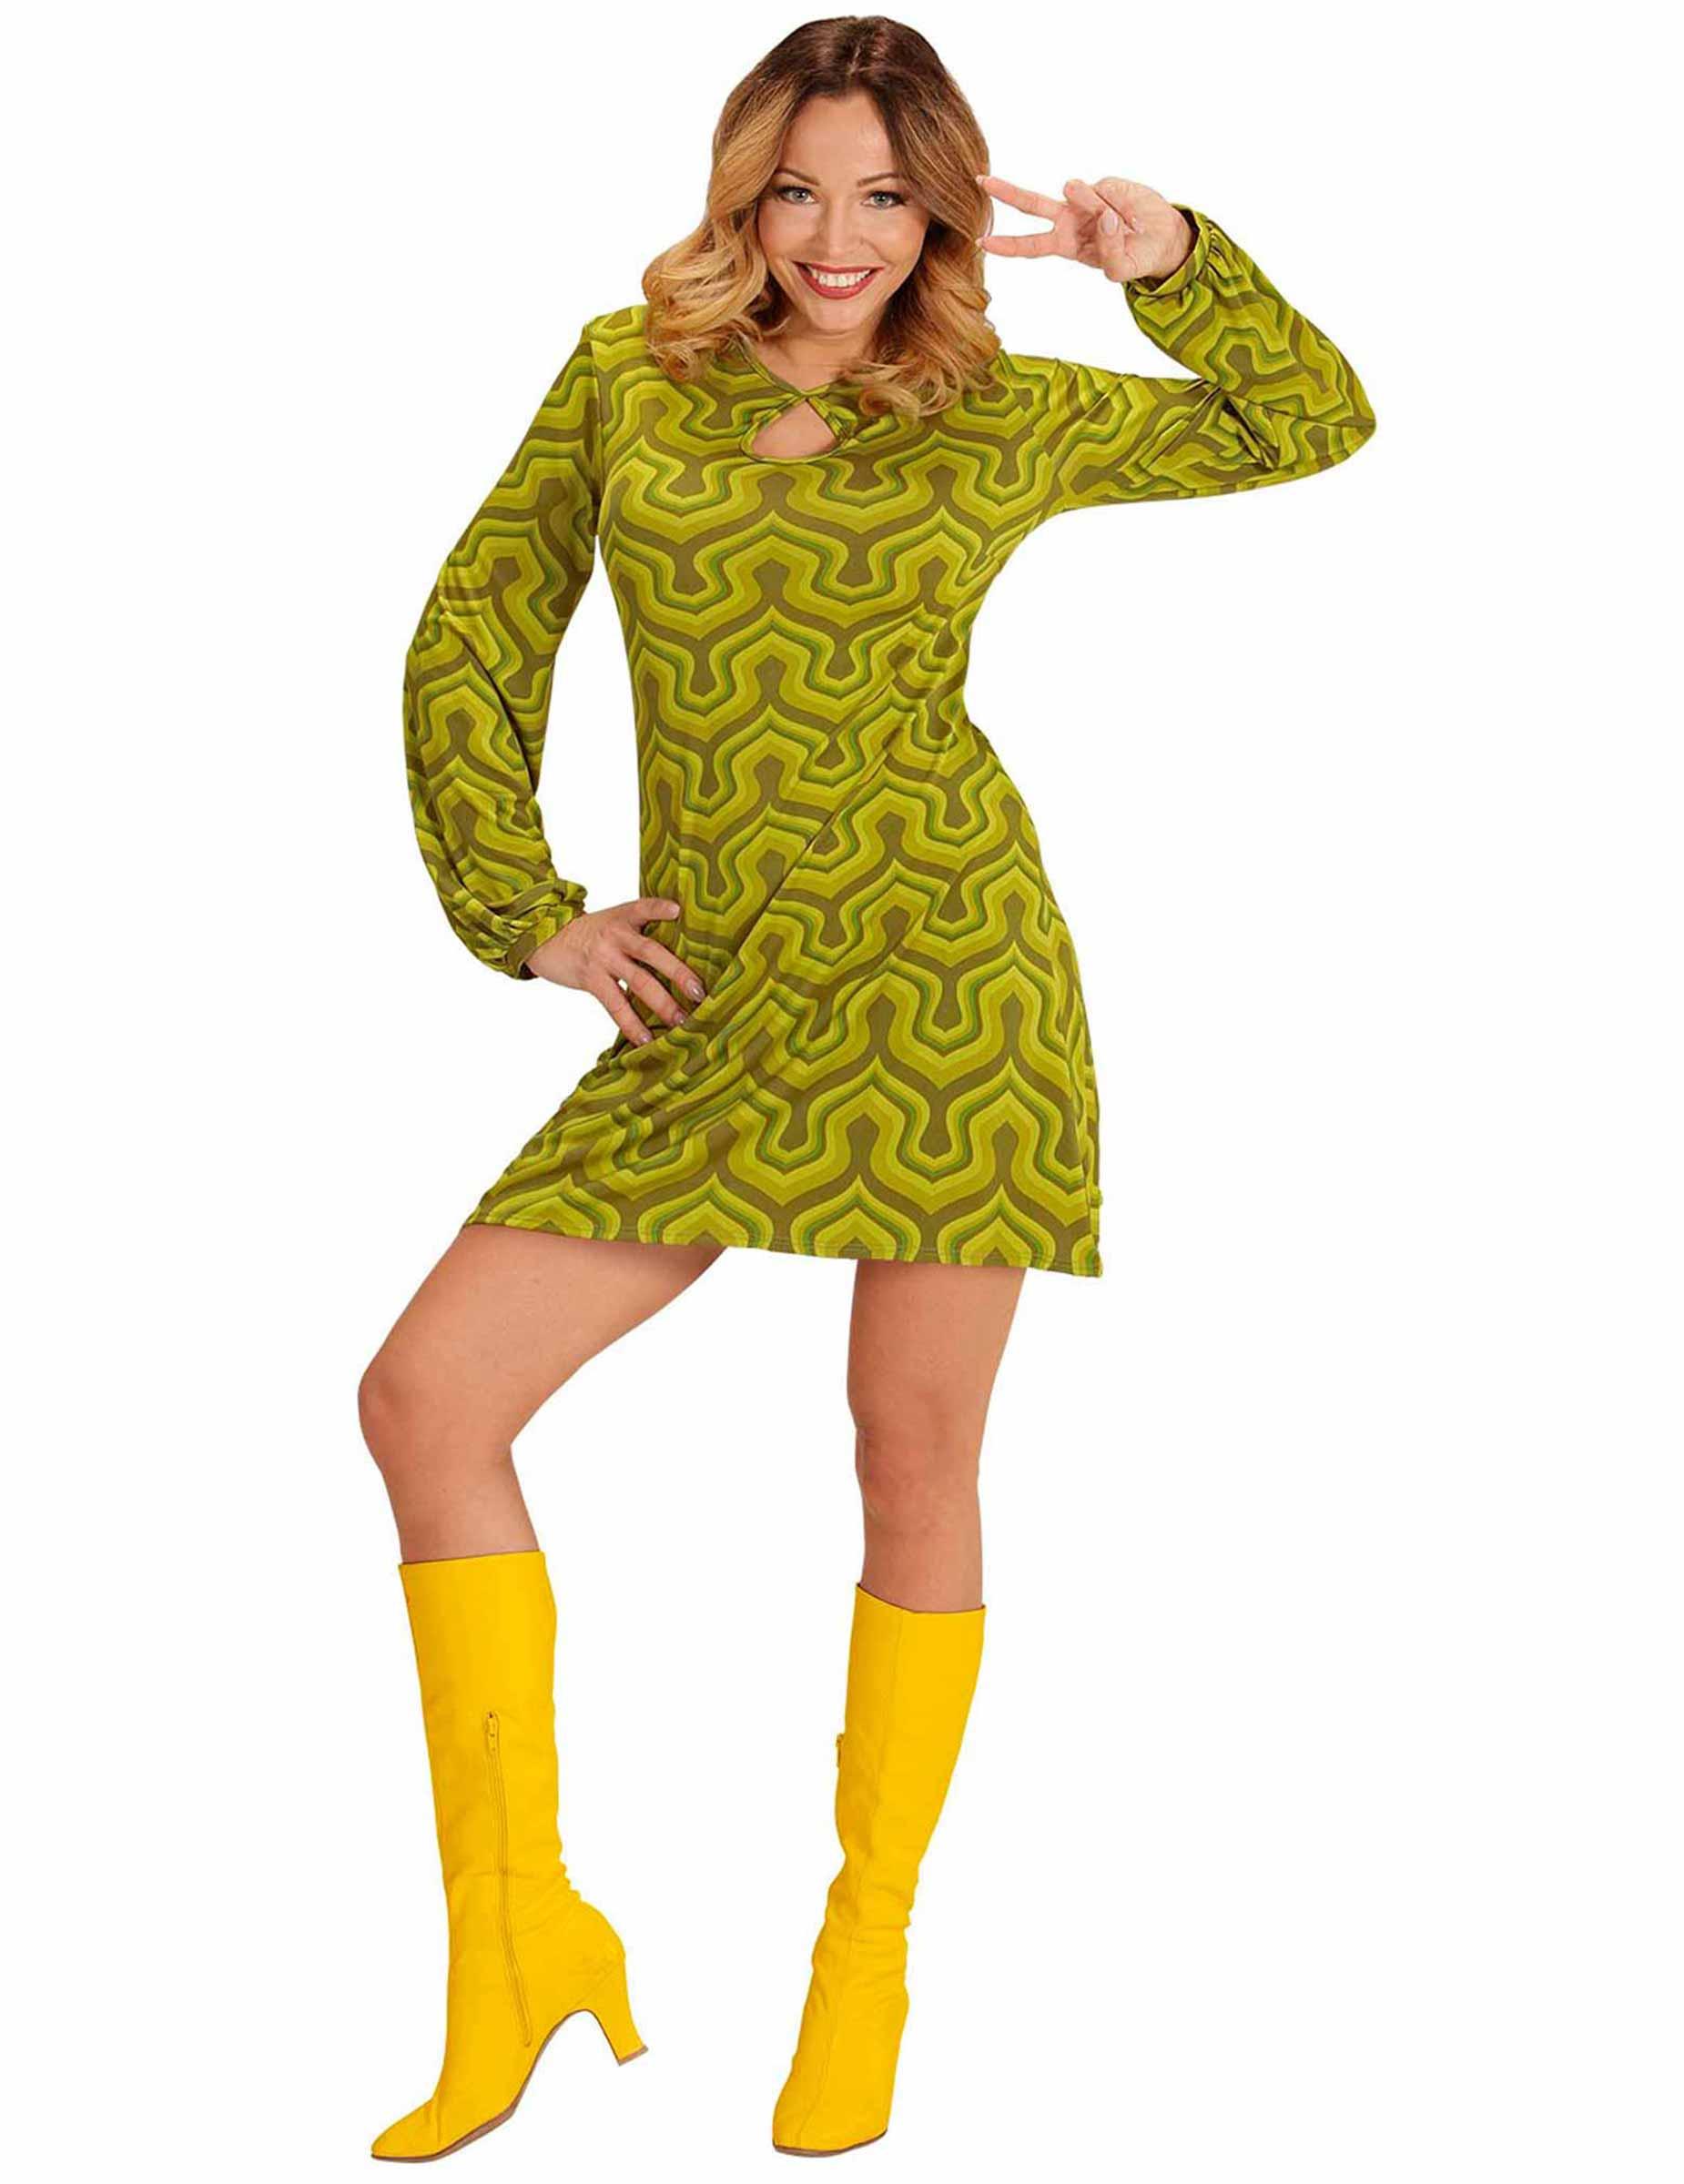 costume disco verde anni 70 per donna costumi adulti e vestiti di carnevale online vegaoo. Black Bedroom Furniture Sets. Home Design Ideas